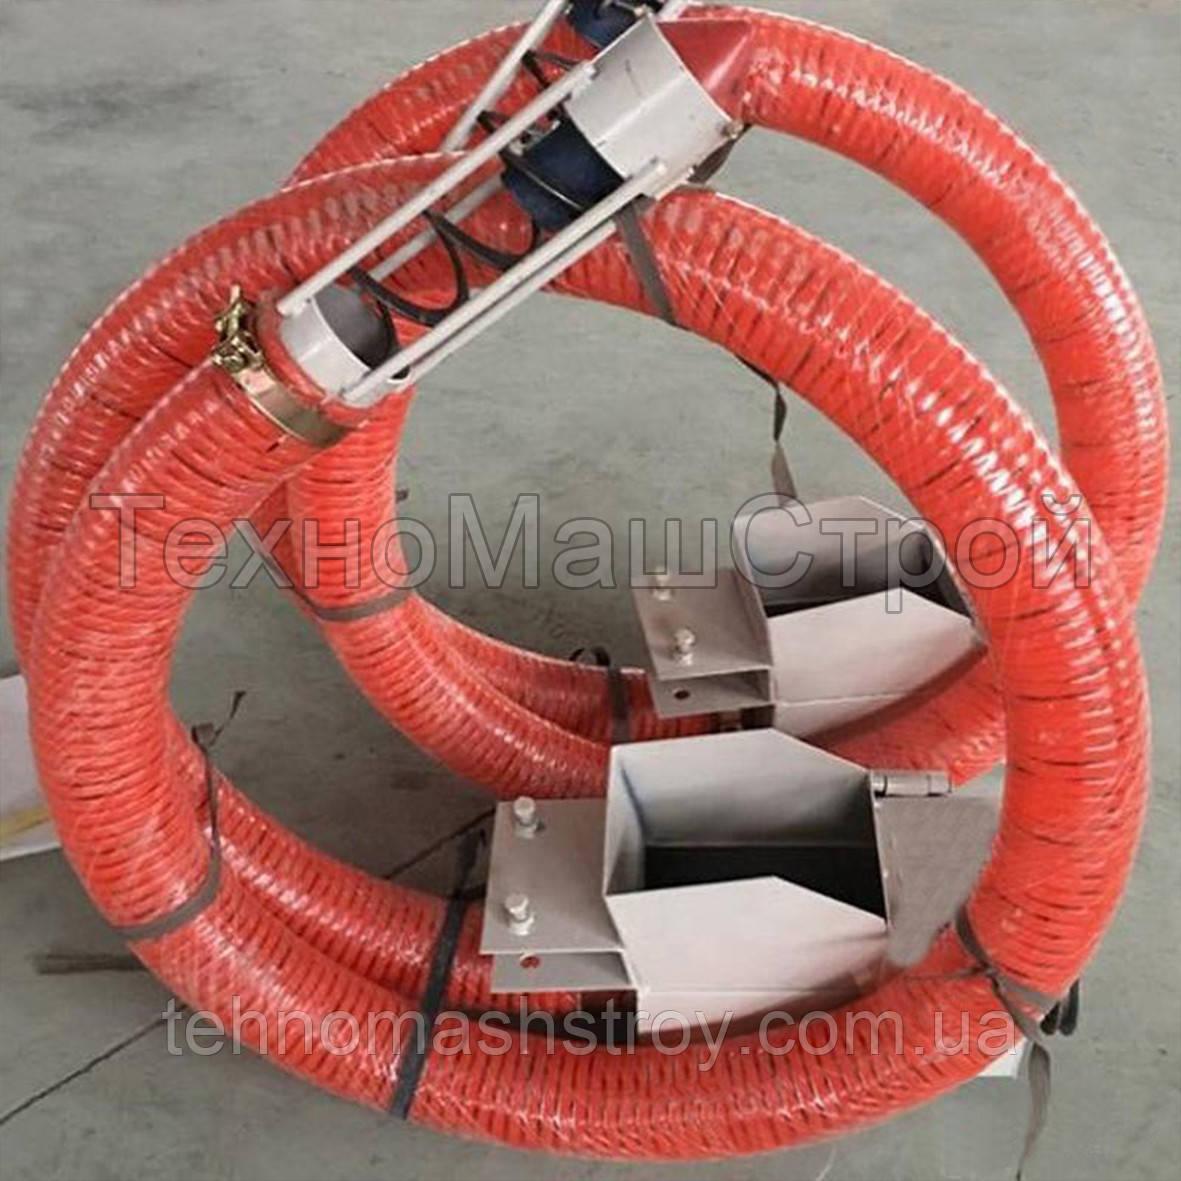 Транспортер гибкий спиральный канаш территория элеватора 37